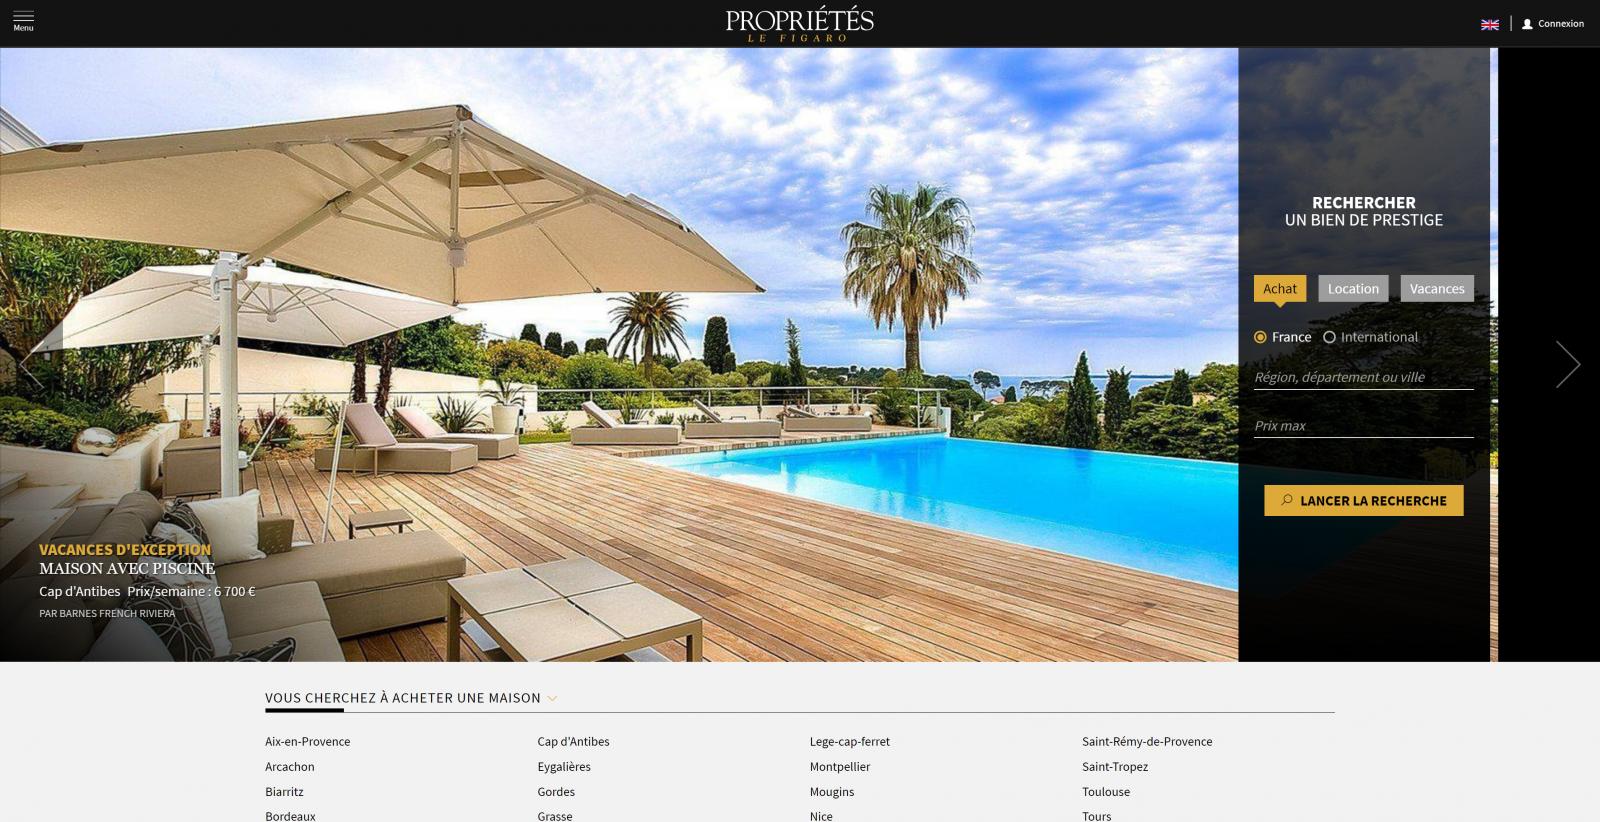 Proprietes Le Figaro Portail Immobilier Prestige